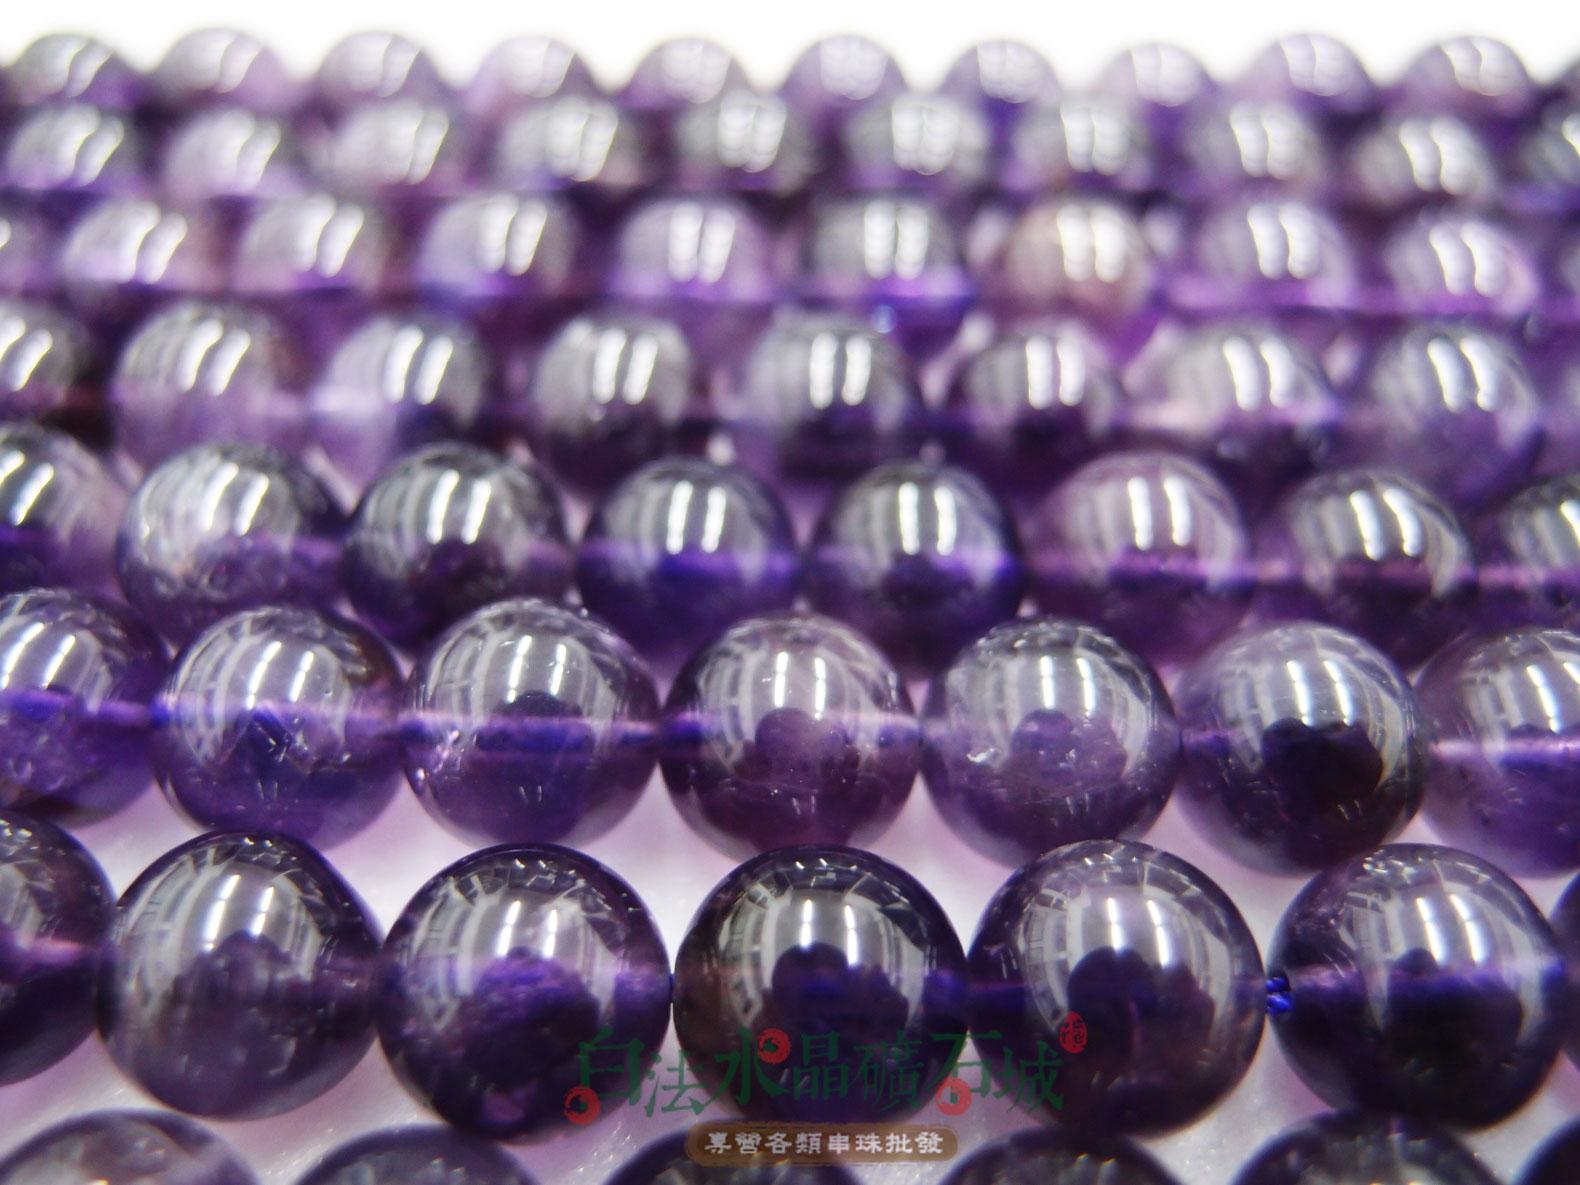 白法水晶礦石城  南非 天然-紫水晶 10mm 礦質-質料勻稱 透- 串珠/條珠 首飾材料